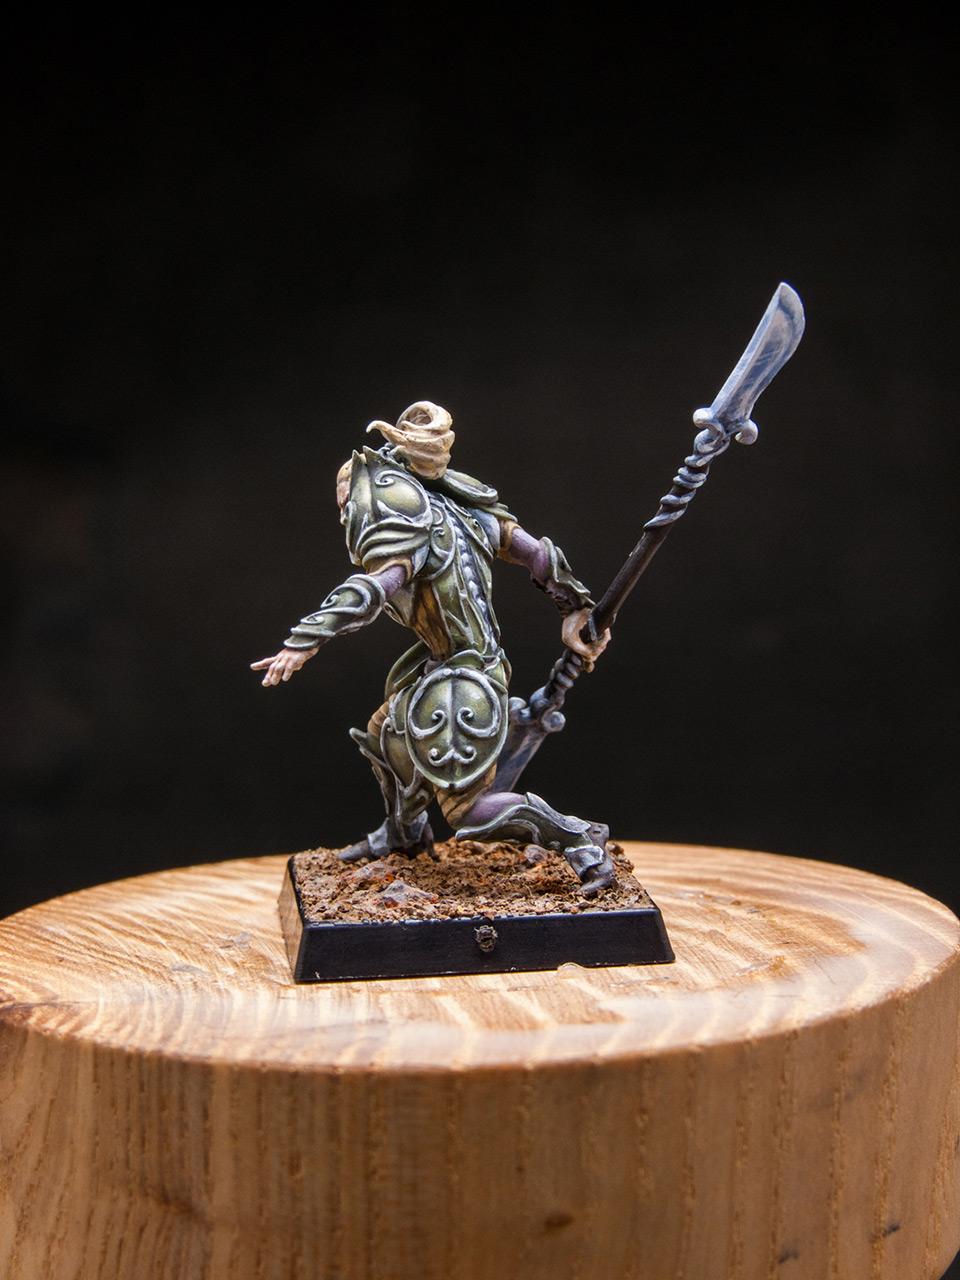 Разное: Эльфы Серебряной гвардии, фото #3